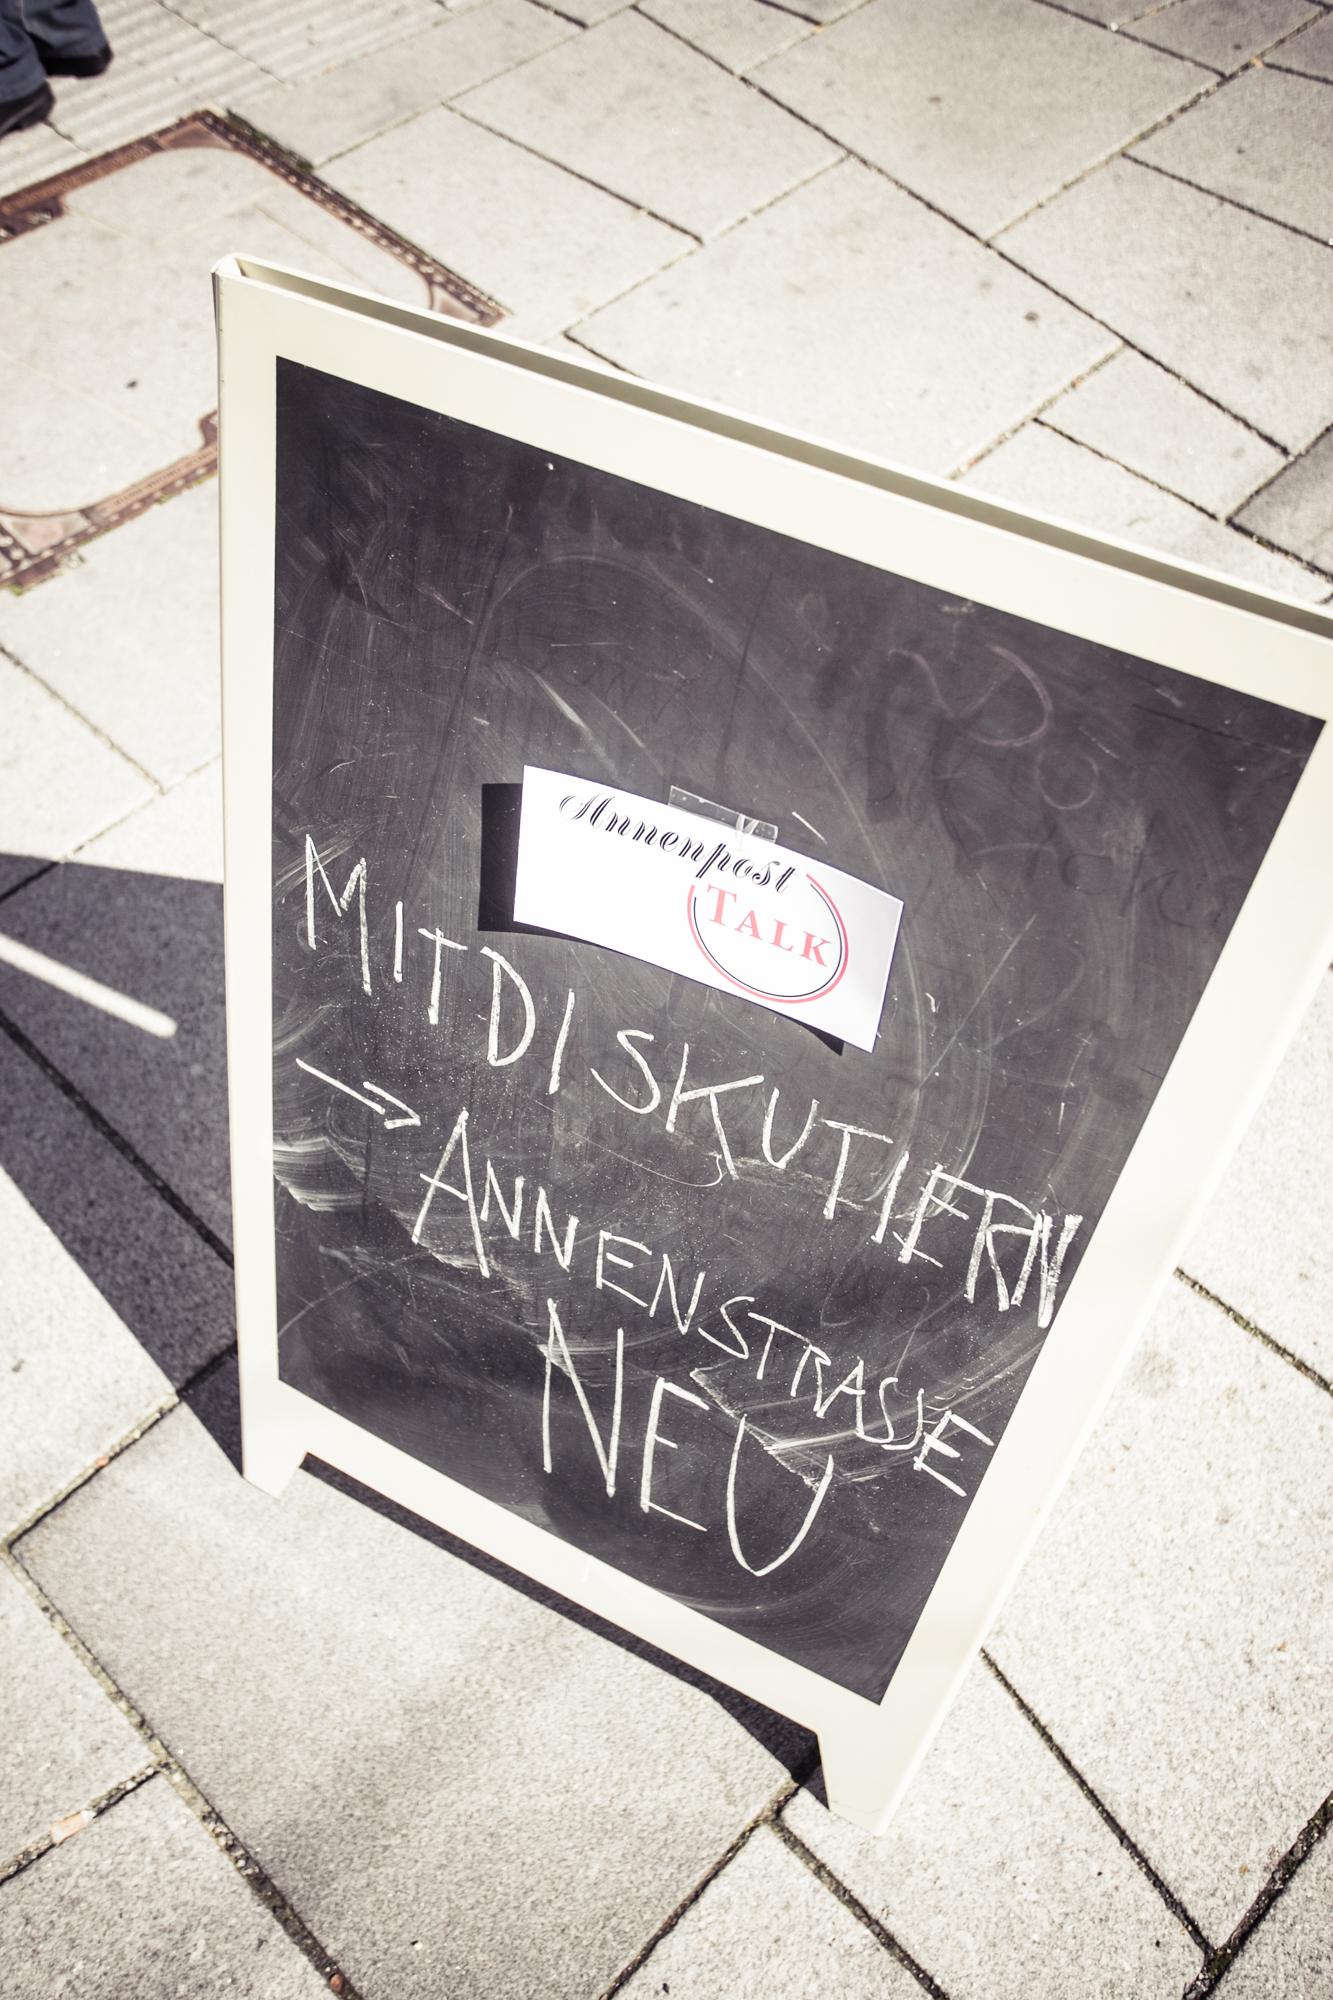 Annenviertel_Flohmarkt061_c_lupi_spuma